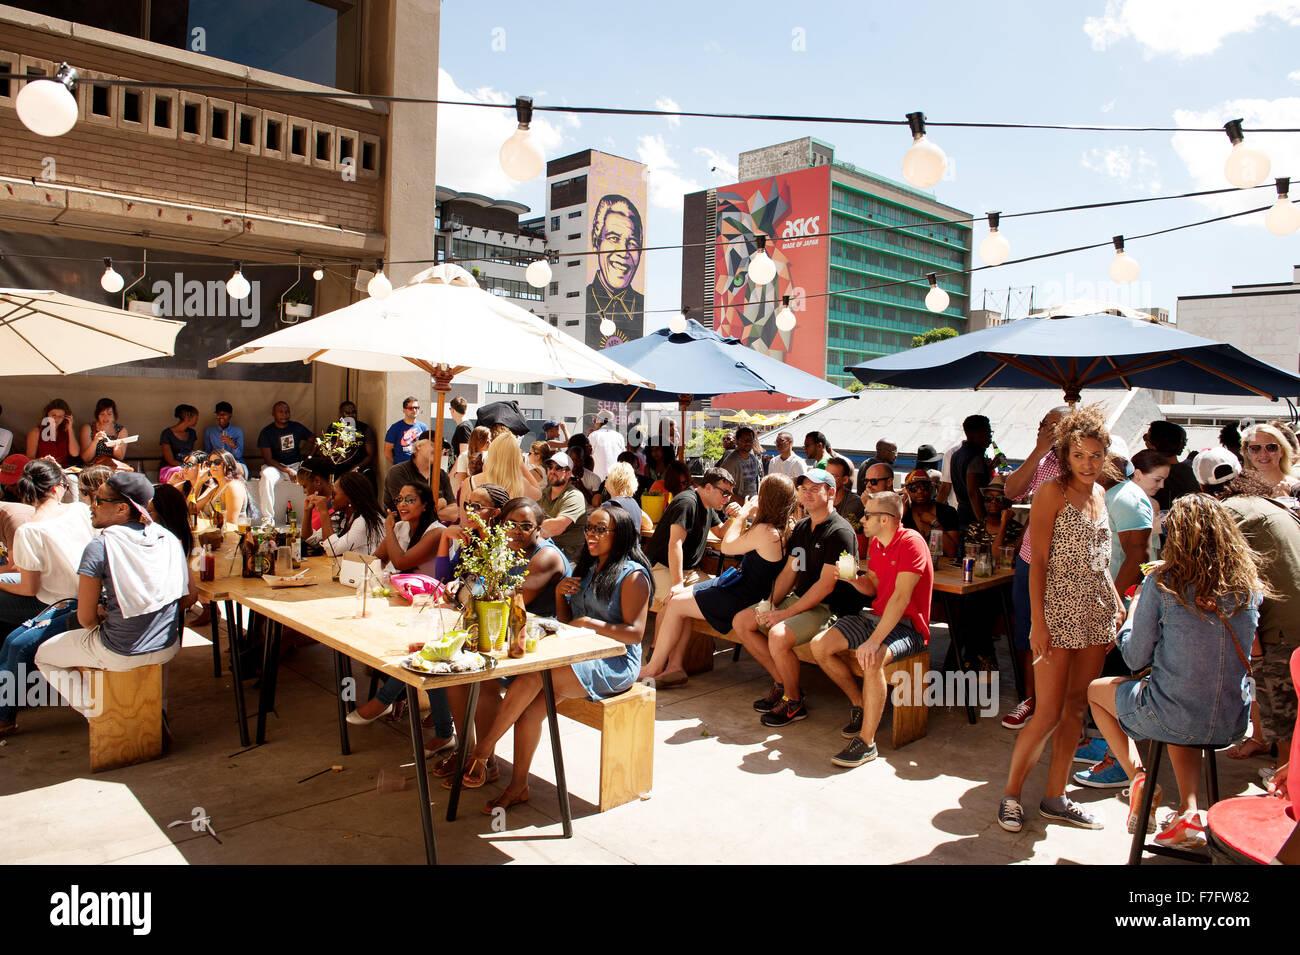 Un bar sul tetto al mercato Neighborgoods nel Braamfontein quartiere del centro cittadino di Johannesburg, Sud Africa. Immagini Stock